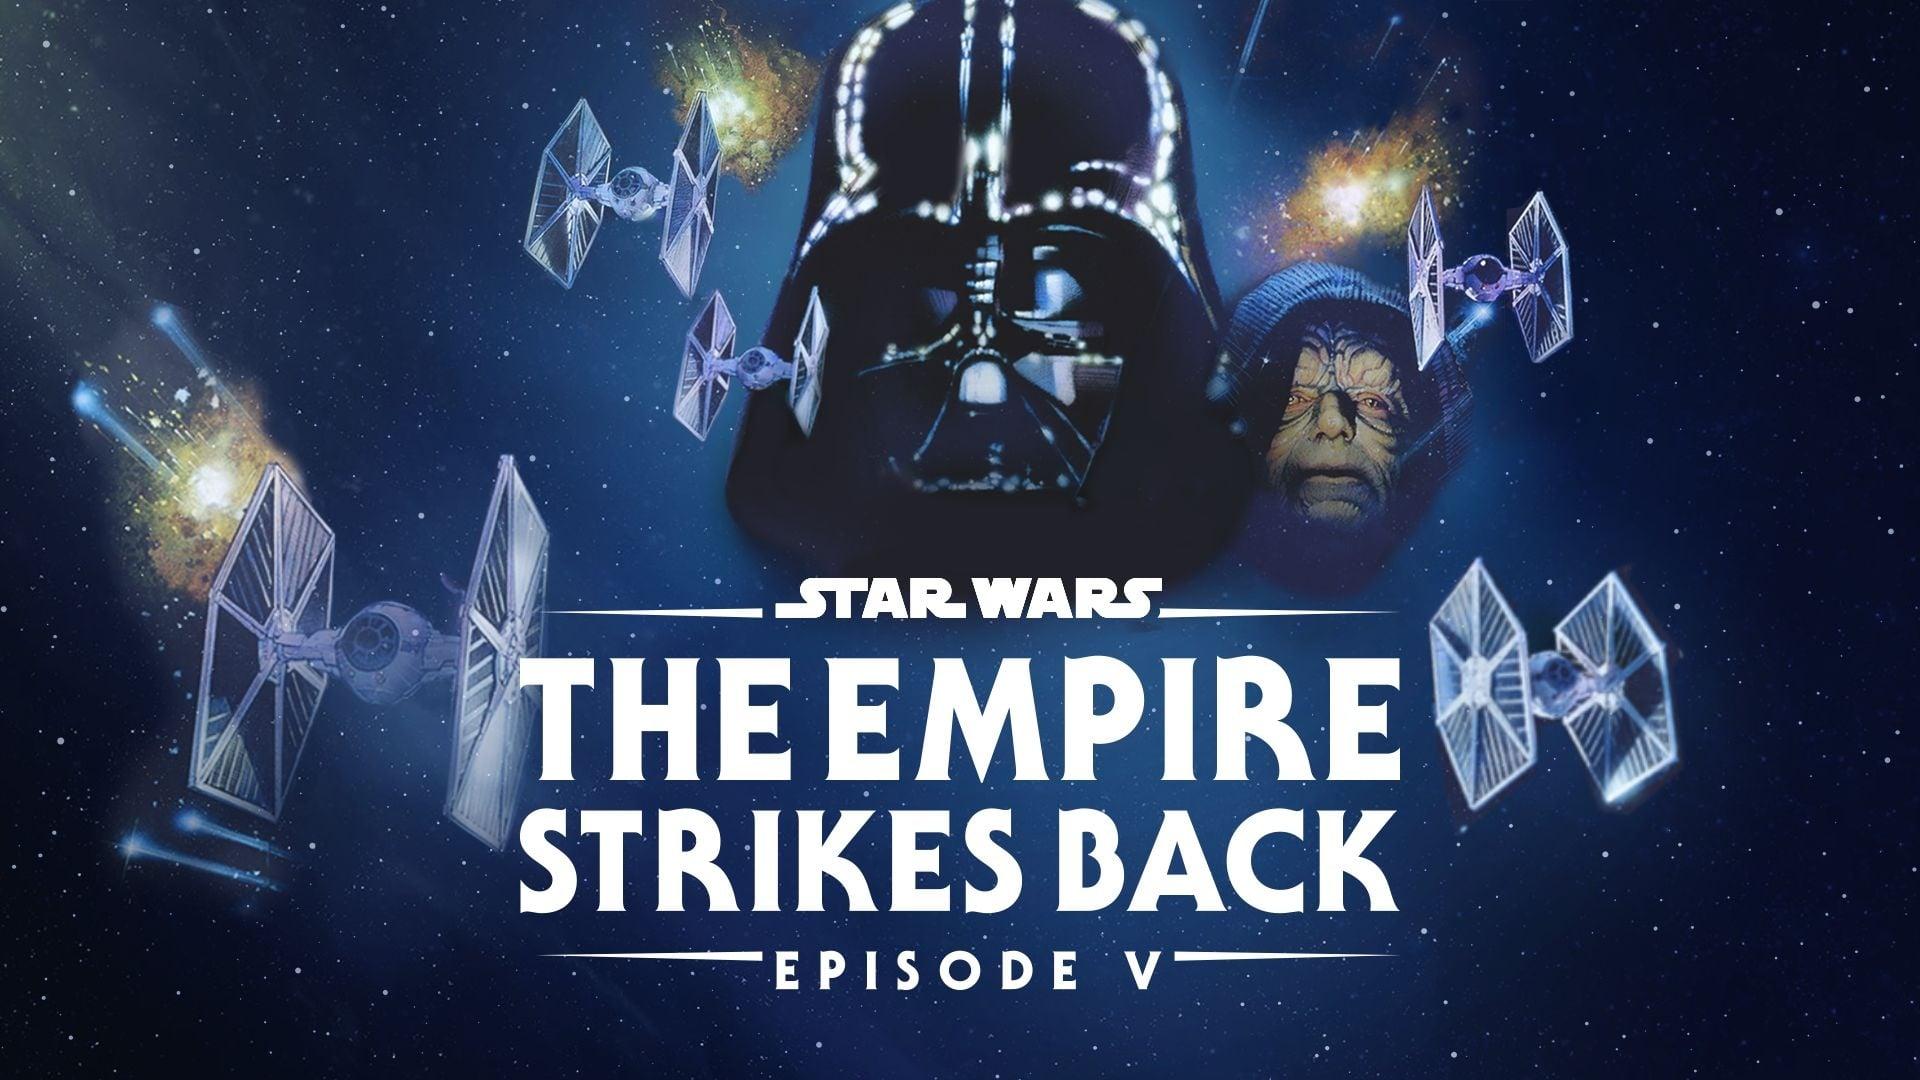 Междузвездни войни: Епизод V – Империята отвръща на удара